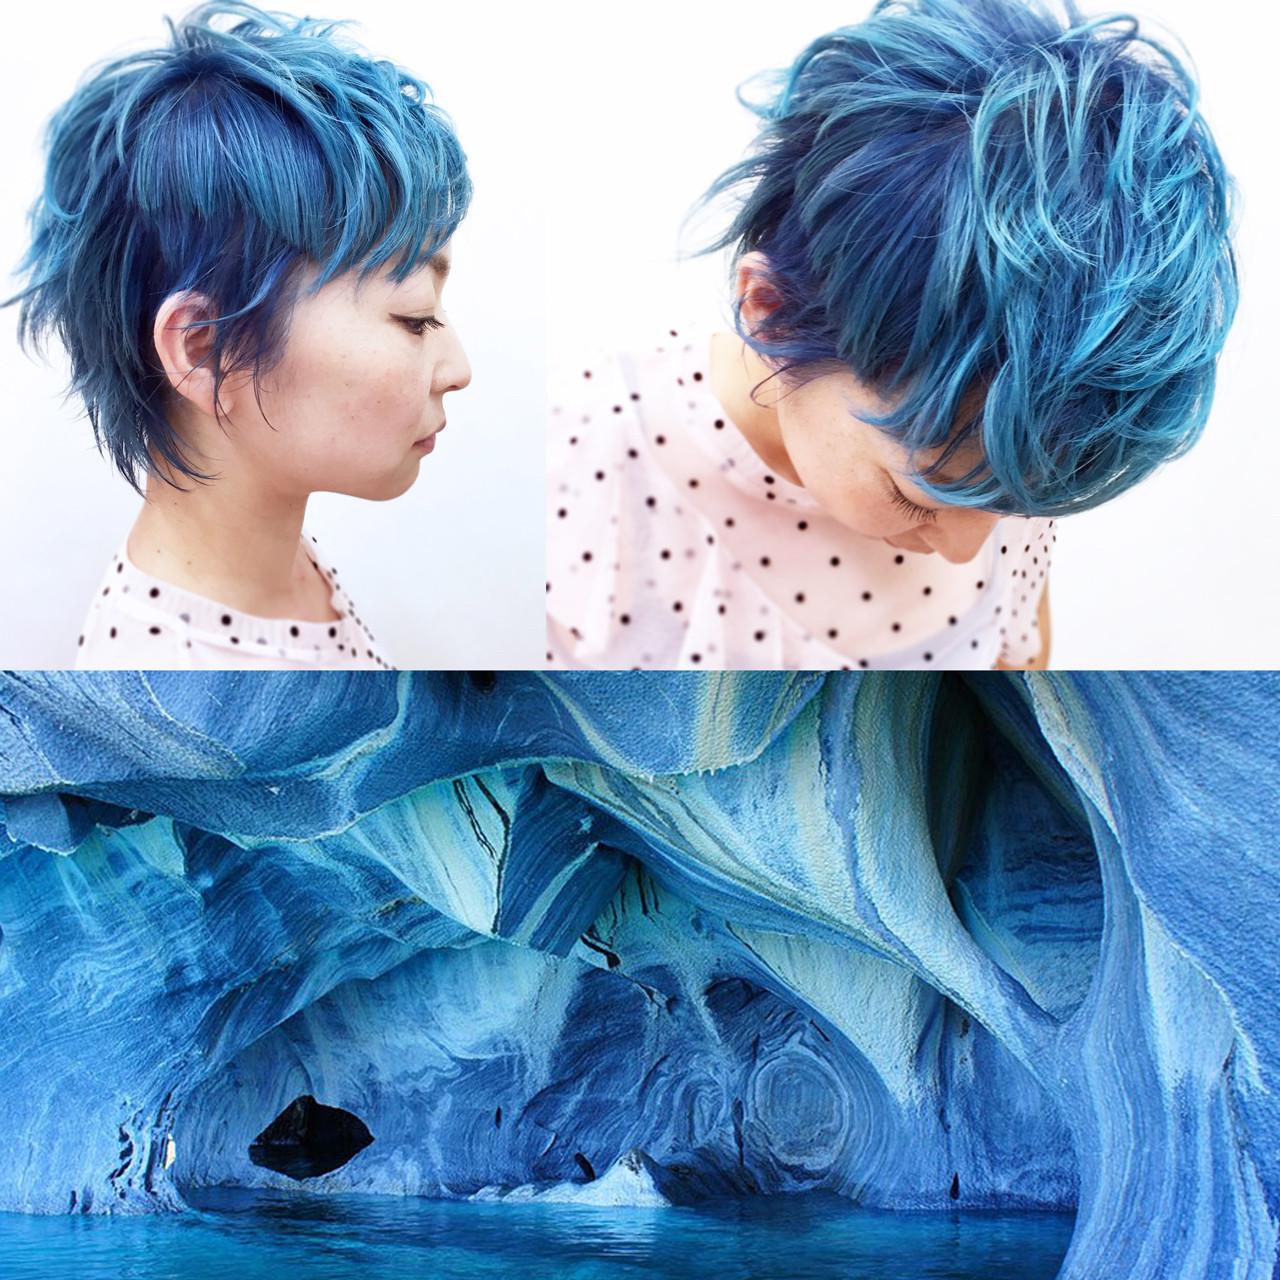 目が覚めるような鮮やかブルーが印象的!! YSO